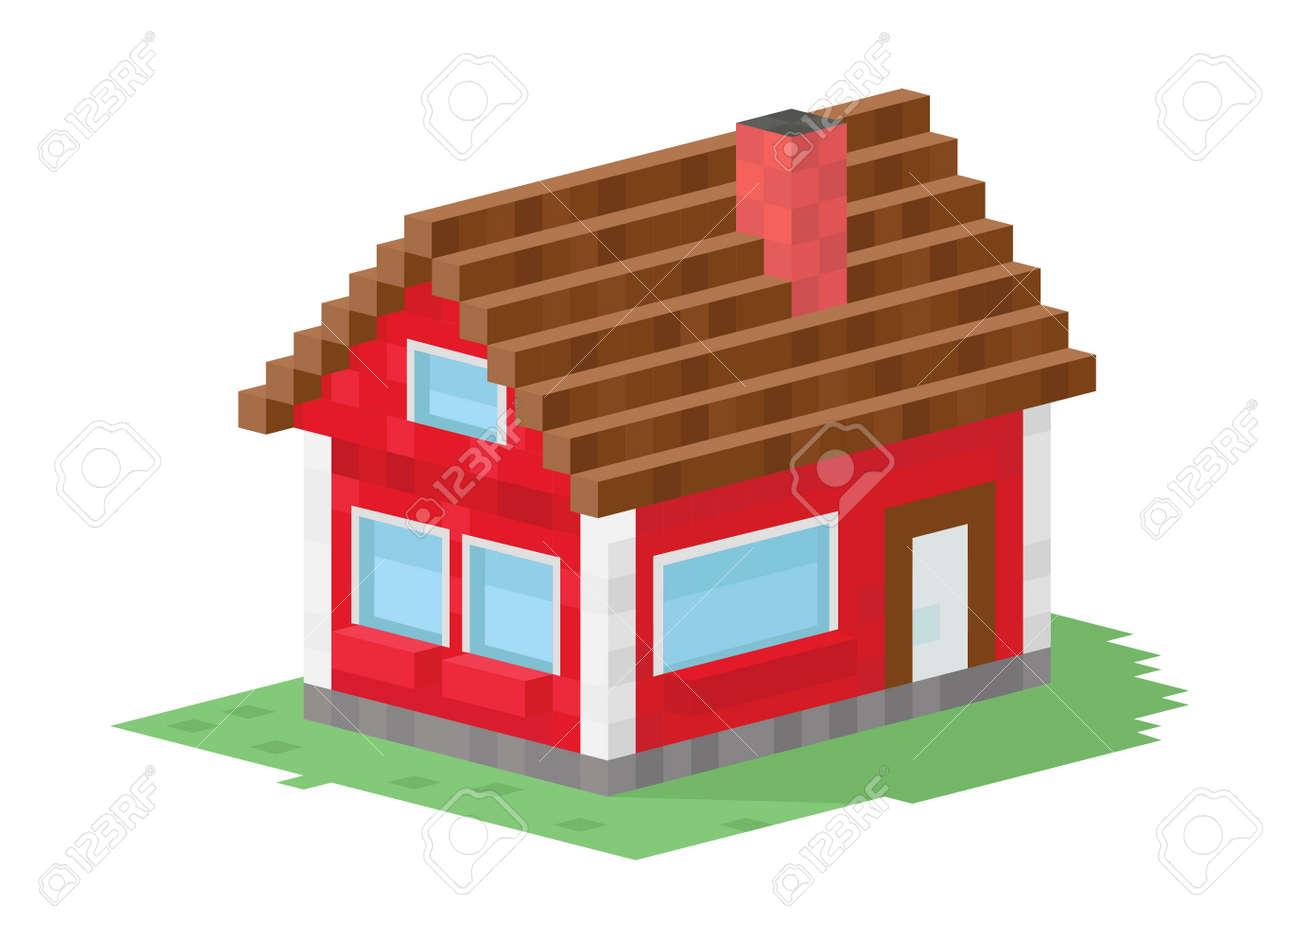 Einfamilienhaus gebã¤ude vektor illustration 3d haus gebã¤ude auf